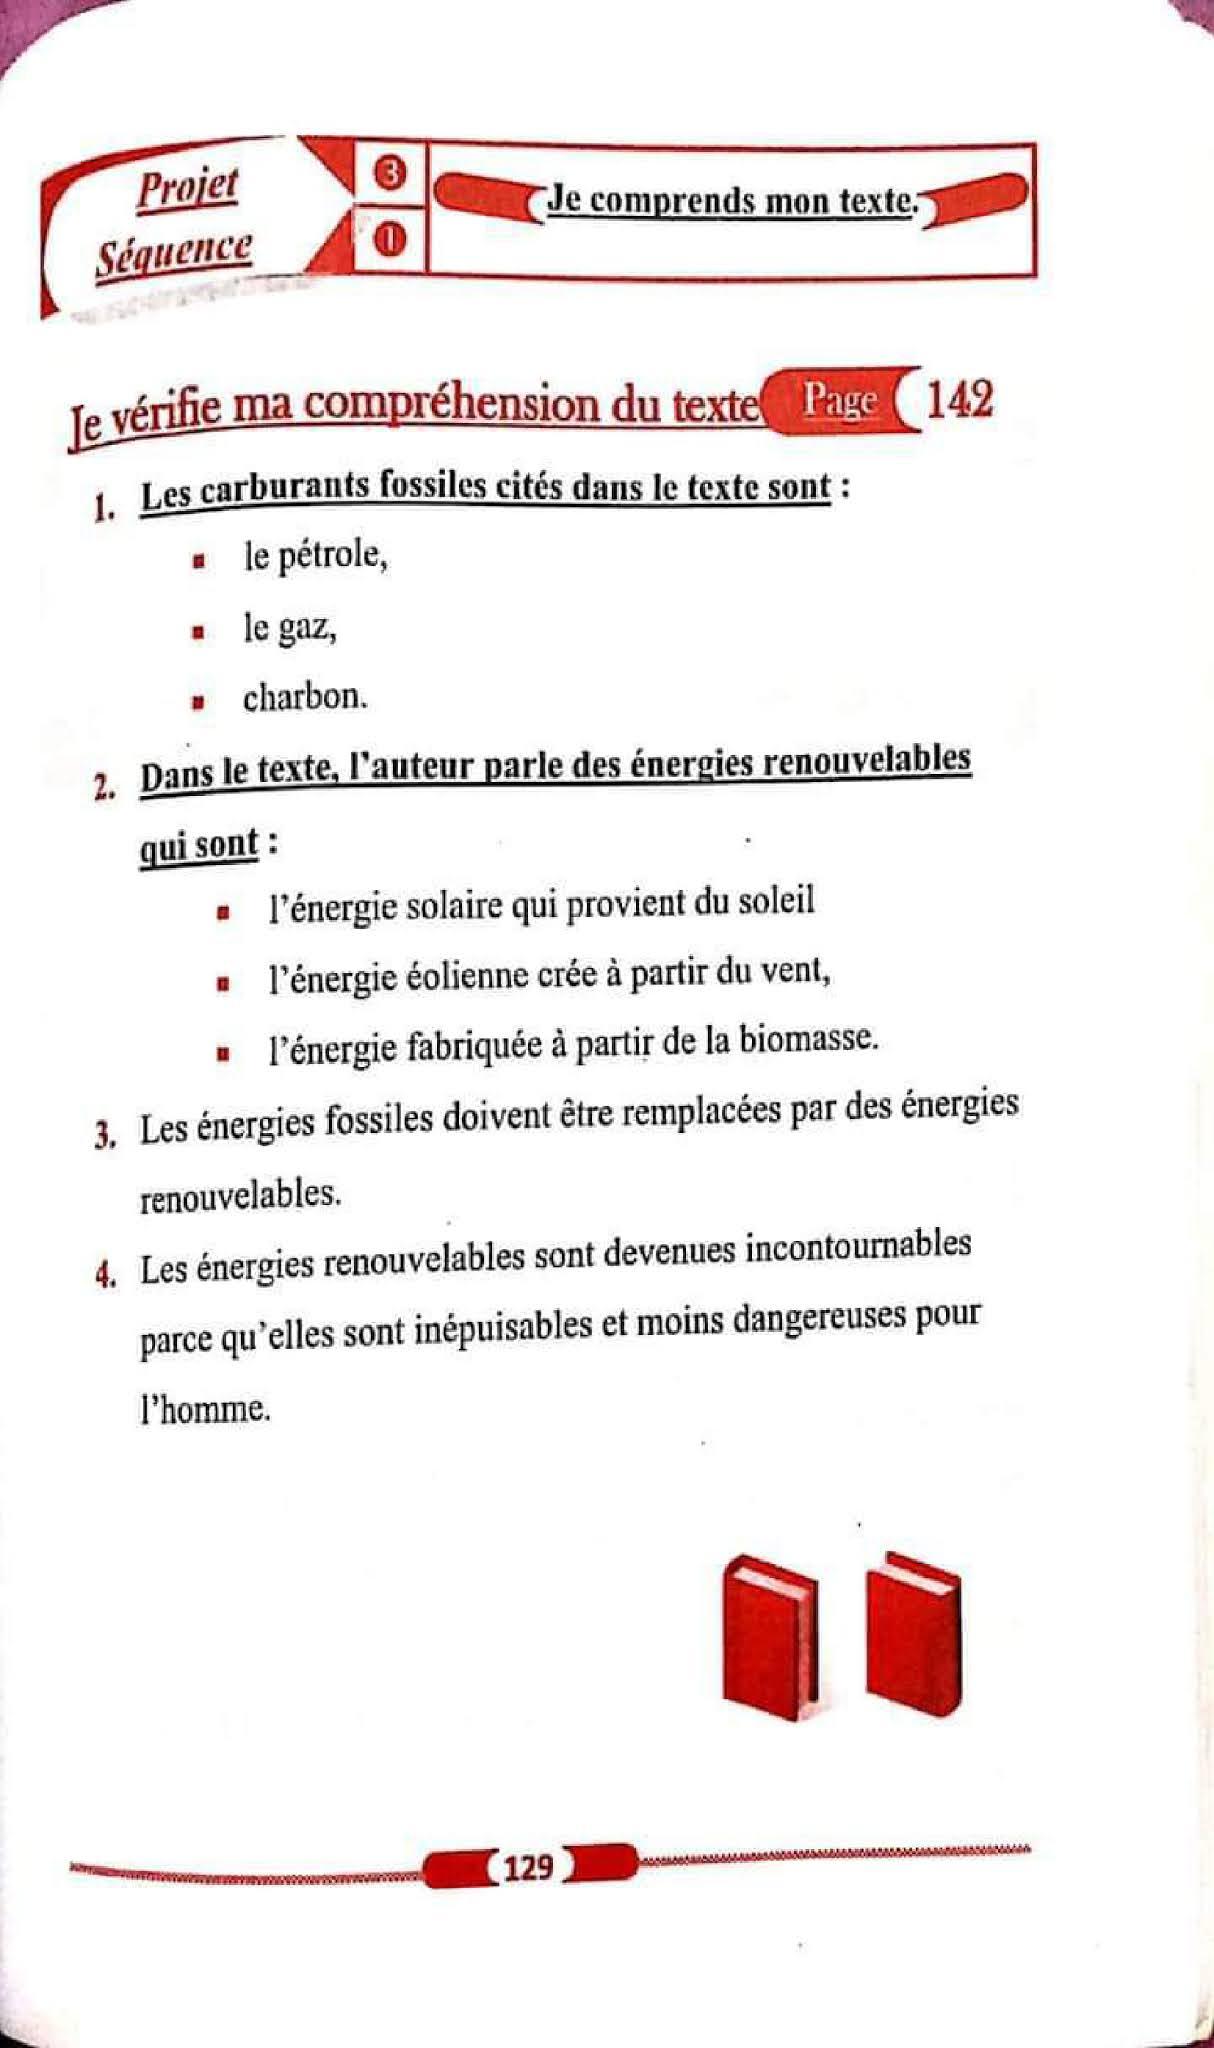 حل تمارين صفحة 142 الفرنسية للسنة الأولى متوسط الجيل الثاني